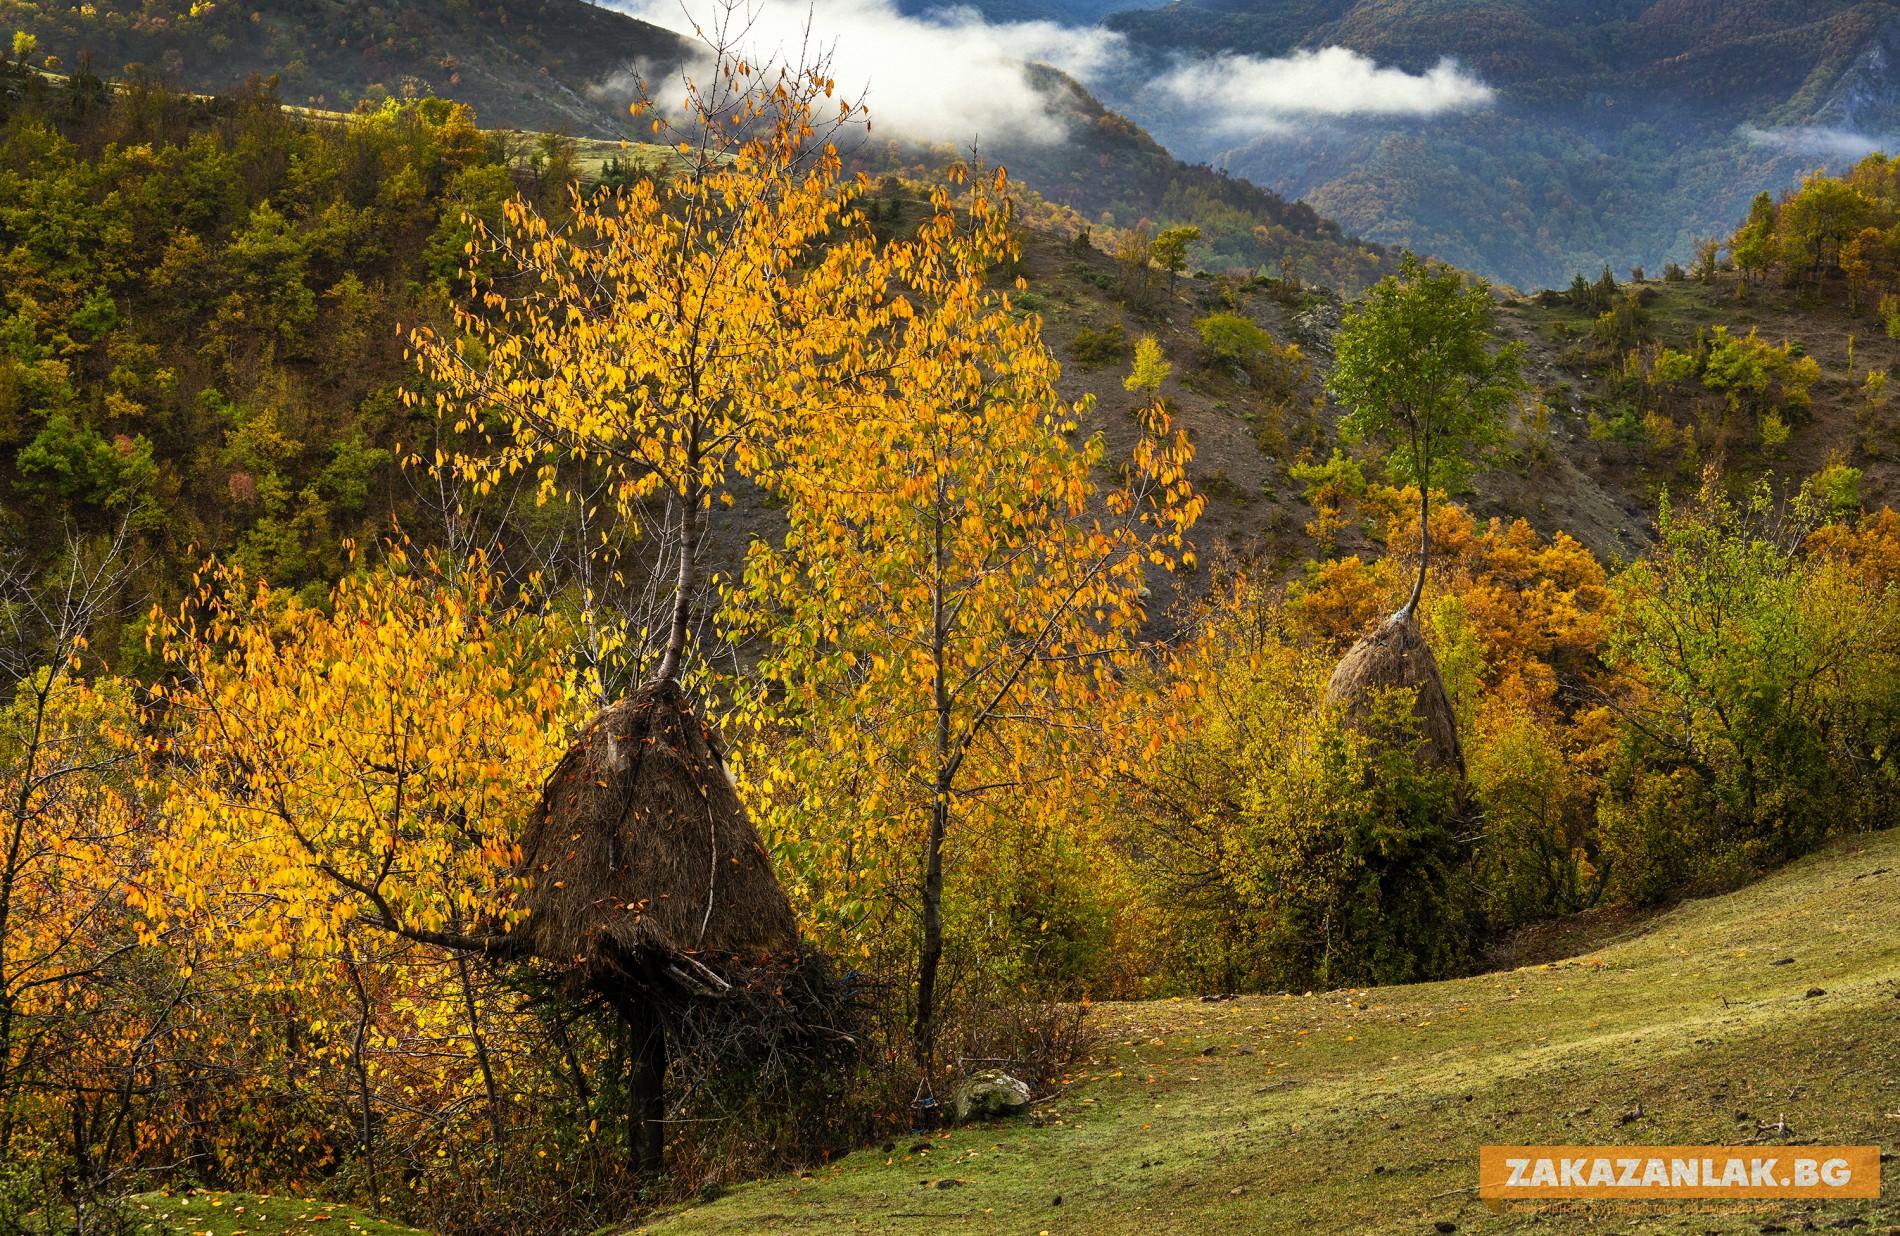 Зимни сезони с есенни фасони - Ахрида и Златко Латев